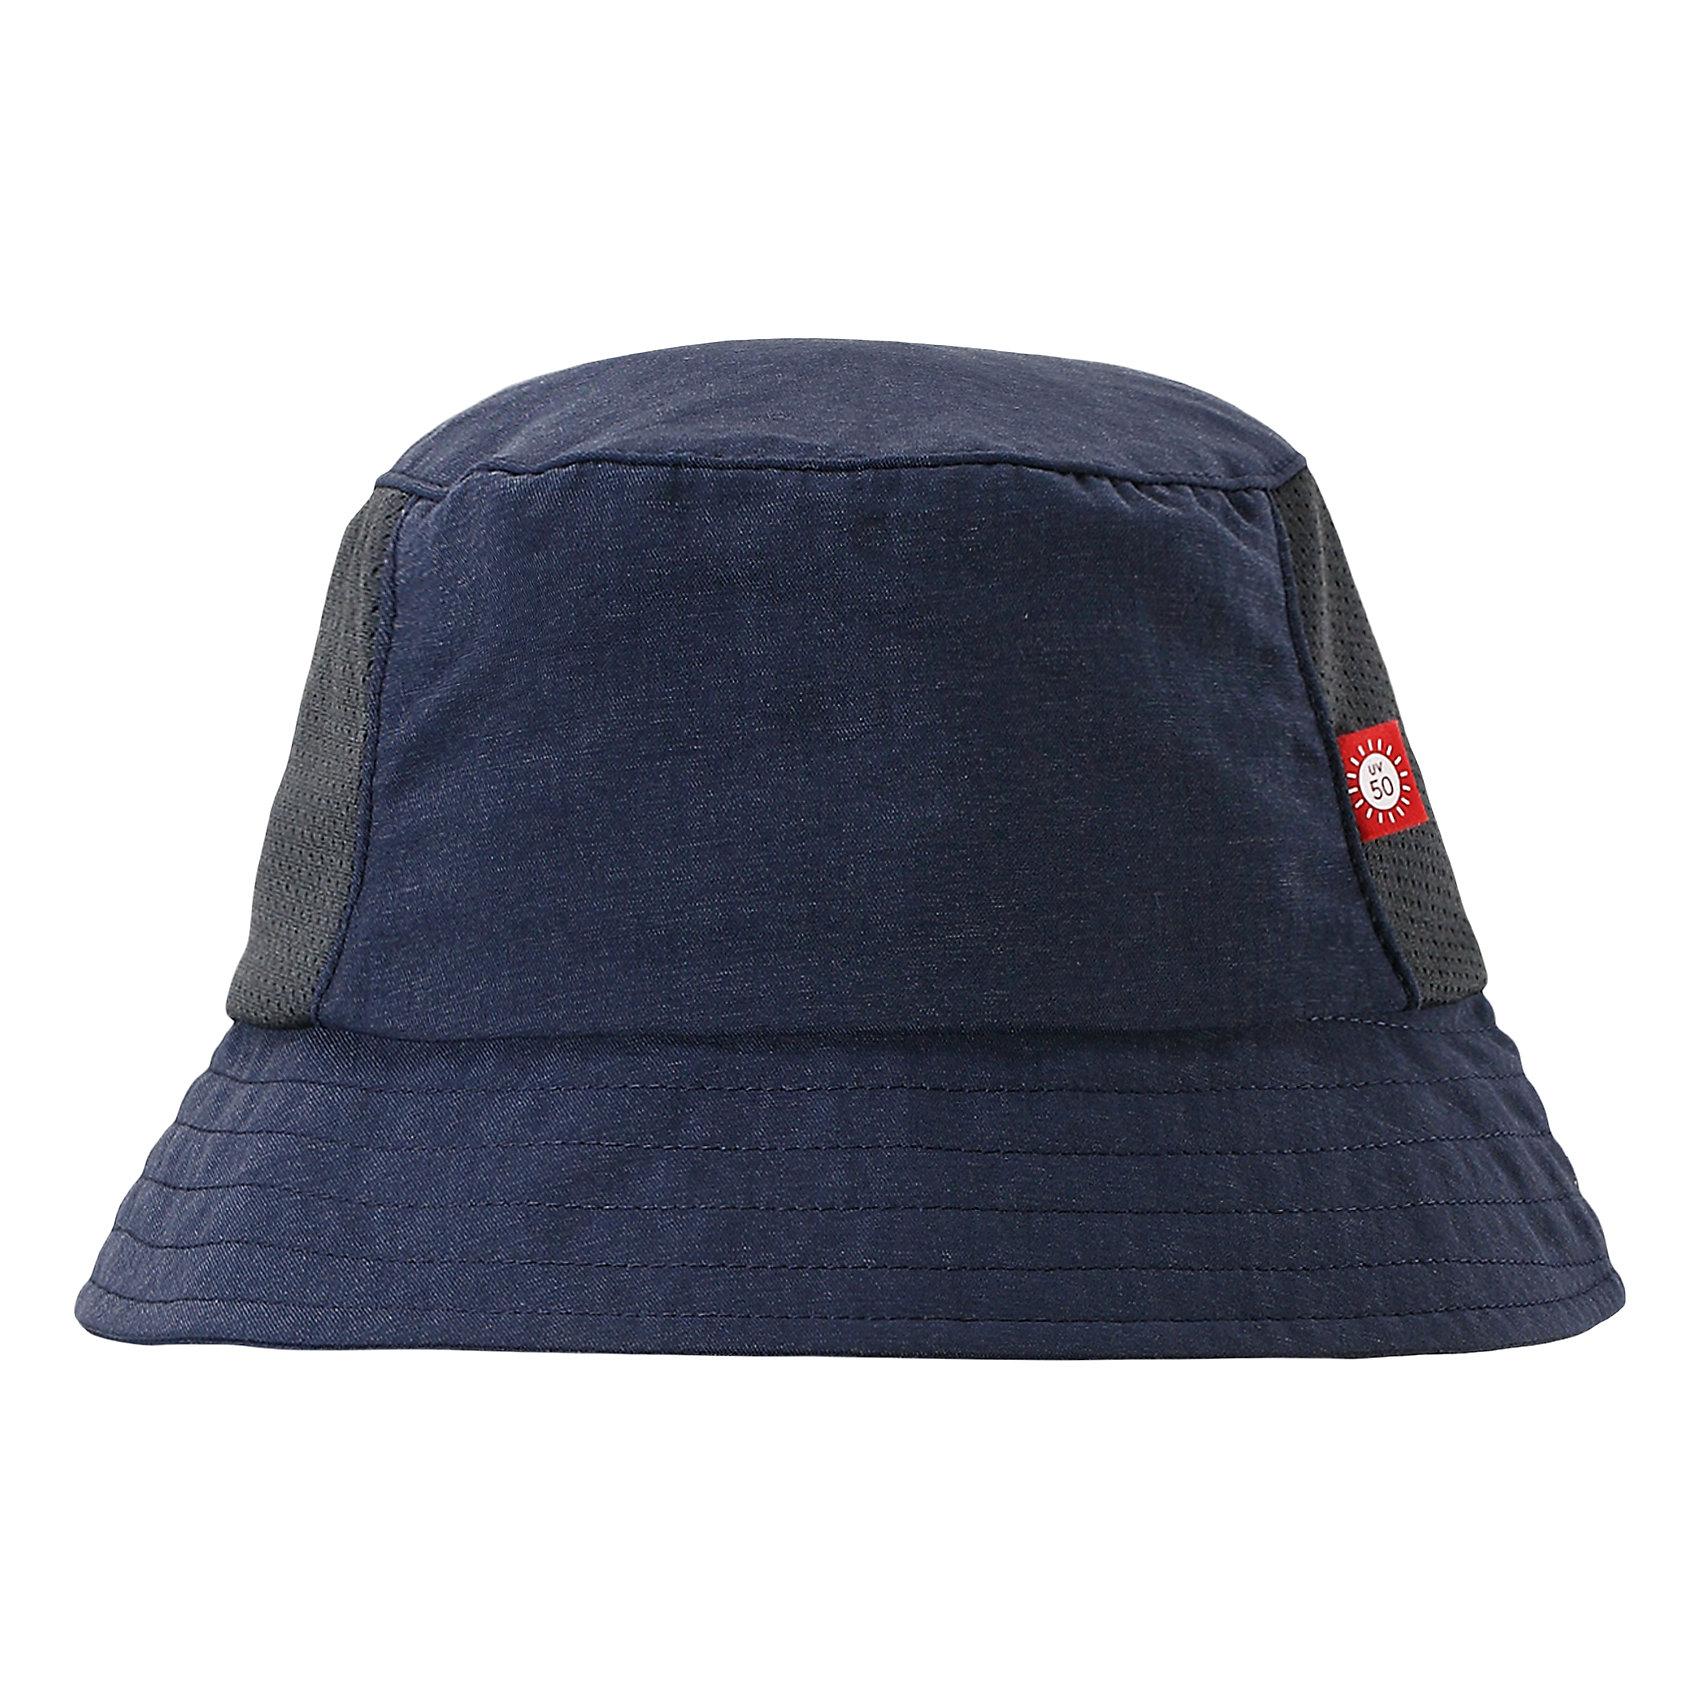 Панама Vimpa для мальчика ReimaШапки и шарфы<br>Характеристики товара:<br><br>• цвет: синий<br>• состав: 92% полиамид, 8% полиэстер<br>• фактор защиты от ультрафиолета: 50+<br>• дышащий материал с охлаждающим эффектом<br>• стильный защитный козырёк<br>• защищает от солнца<br>• облегчённая модель без подкладки<br>• эмблема Reima сбоку<br>• страна бренда: Финляндия<br>• страна производства: Китай<br><br>Детский головной убор может быть модным и удобным одновременно! Стильная панама поможет обеспечить ребенку комфорт и дополнить наряд. Панама удобно сидит и аккуратно выглядит. Проста в уходе, долго служит. Стильный дизайн разрабатывался специально для детей. Отличная защита от солнца!<br><br>Уход:<br><br>• стирать с бельем одинакового цвета<br>• стирать моющим средством, не содержащим отбеливающие вещества<br>• полоскать без специального средства<br>• во избежание изменения цвета изделие необходимо вынуть из стиральной машинки незамедлительно после окончания программы стирки<br>• сушить при низкой температуре.<br><br>Панаму для мальчика от финского бренда Reima (Рейма) можно купить в нашем интернет-магазине.<br><br>Ширина мм: 89<br>Глубина мм: 117<br>Высота мм: 44<br>Вес г: 155<br>Цвет: синий<br>Возраст от месяцев: 18<br>Возраст до месяцев: 36<br>Пол: Мужской<br>Возраст: Детский<br>Размер: 50,56,48,52,54<br>SKU: 5267736